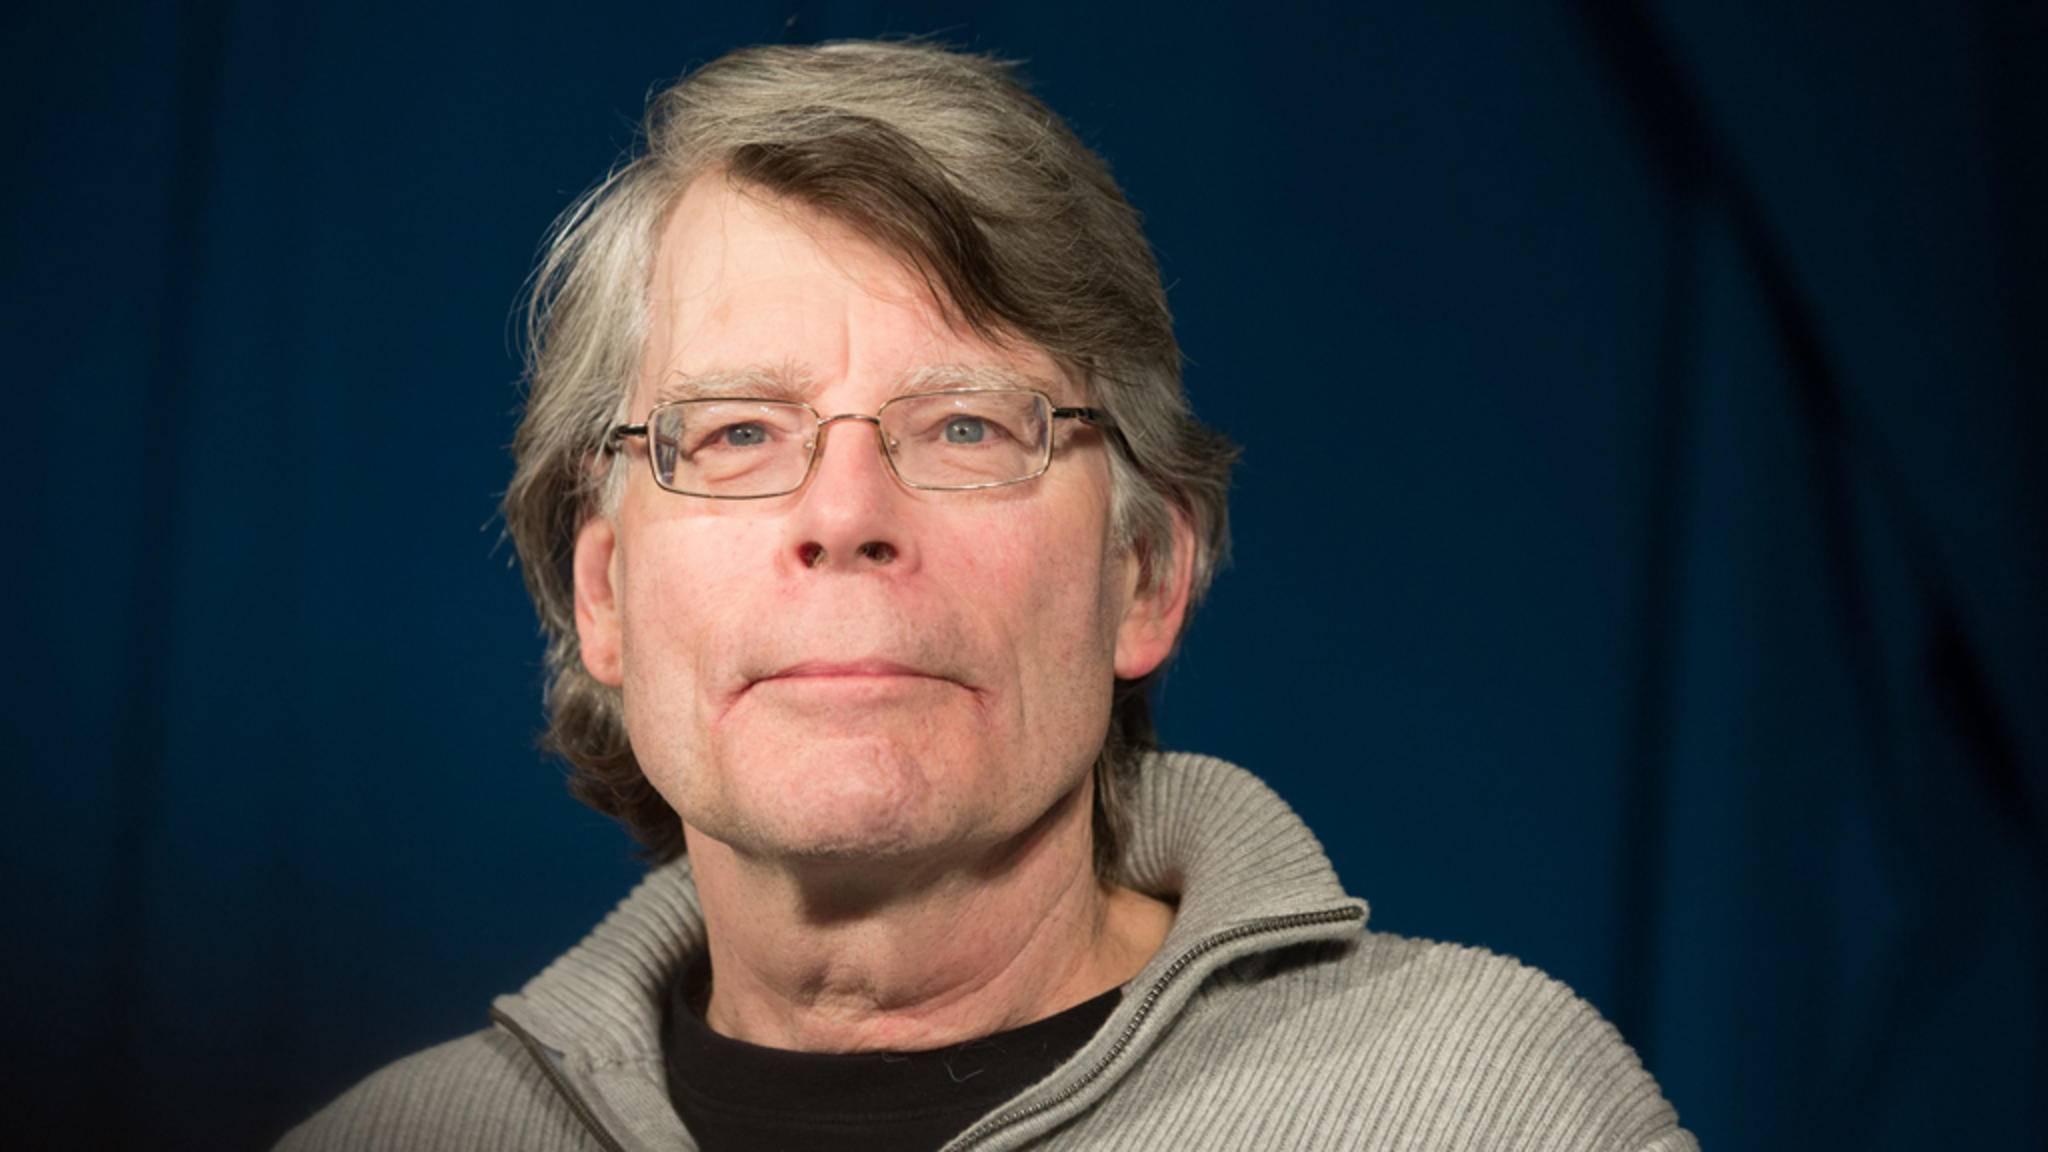 Welche Horrorfilme guckt Stephen King wohl in seiner Freizeit?